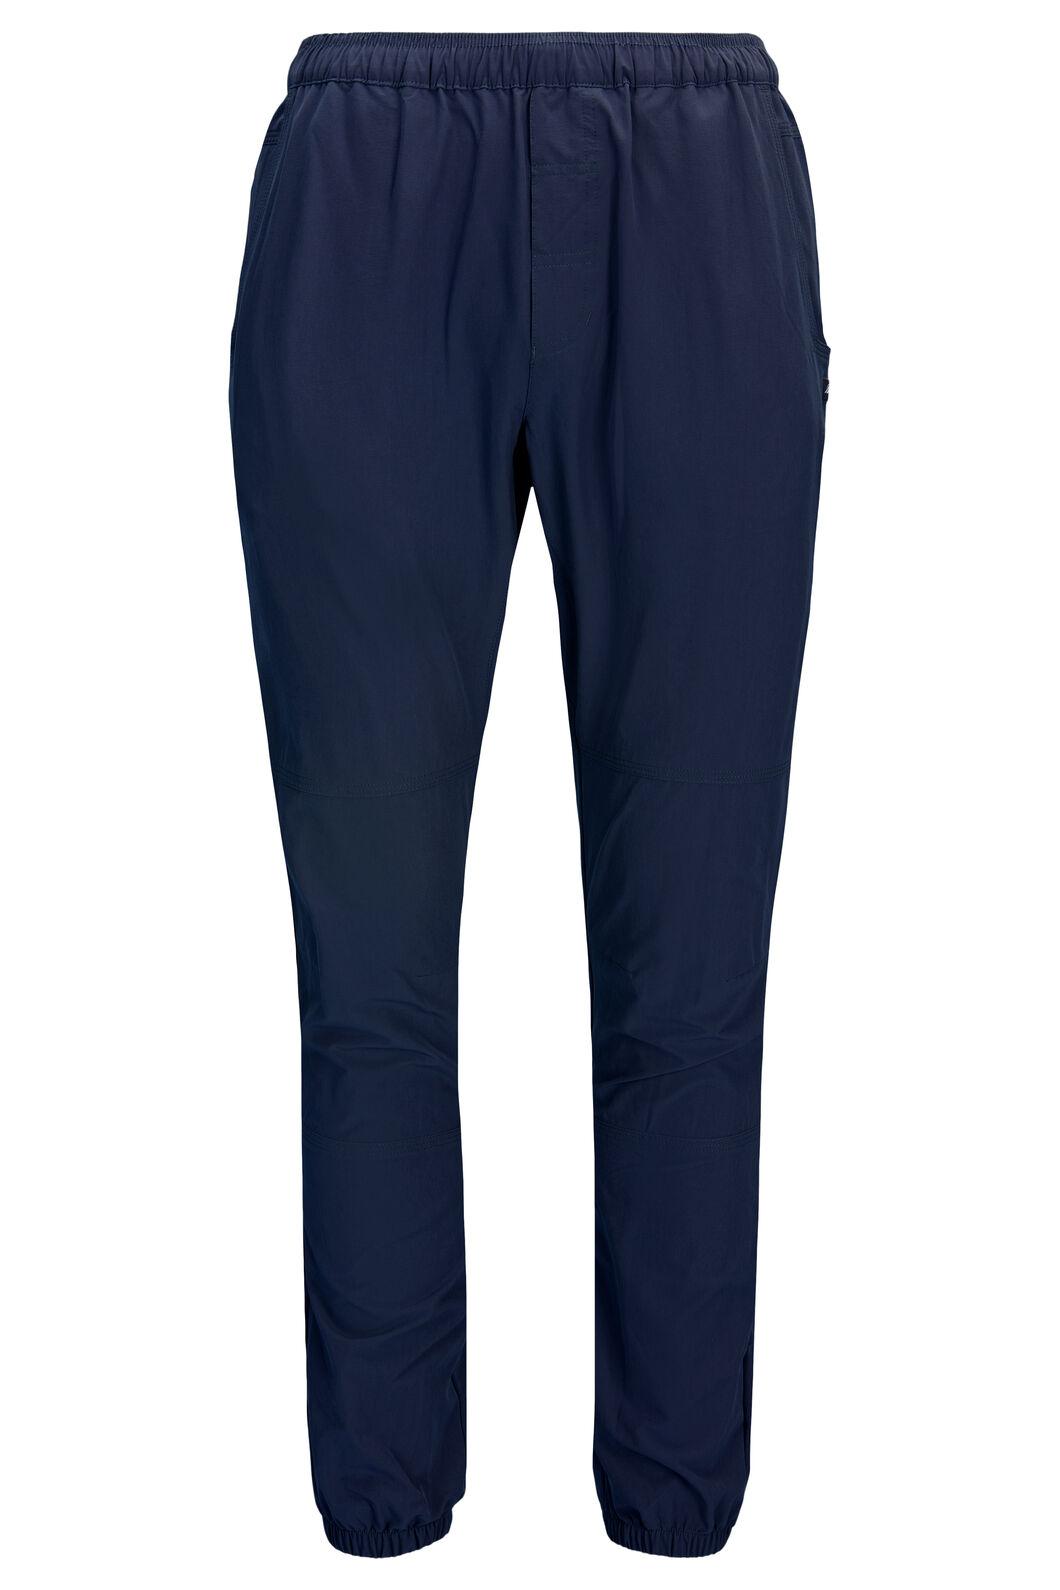 Macpac Boulder Pants — Men's, Black Iris, hi-res